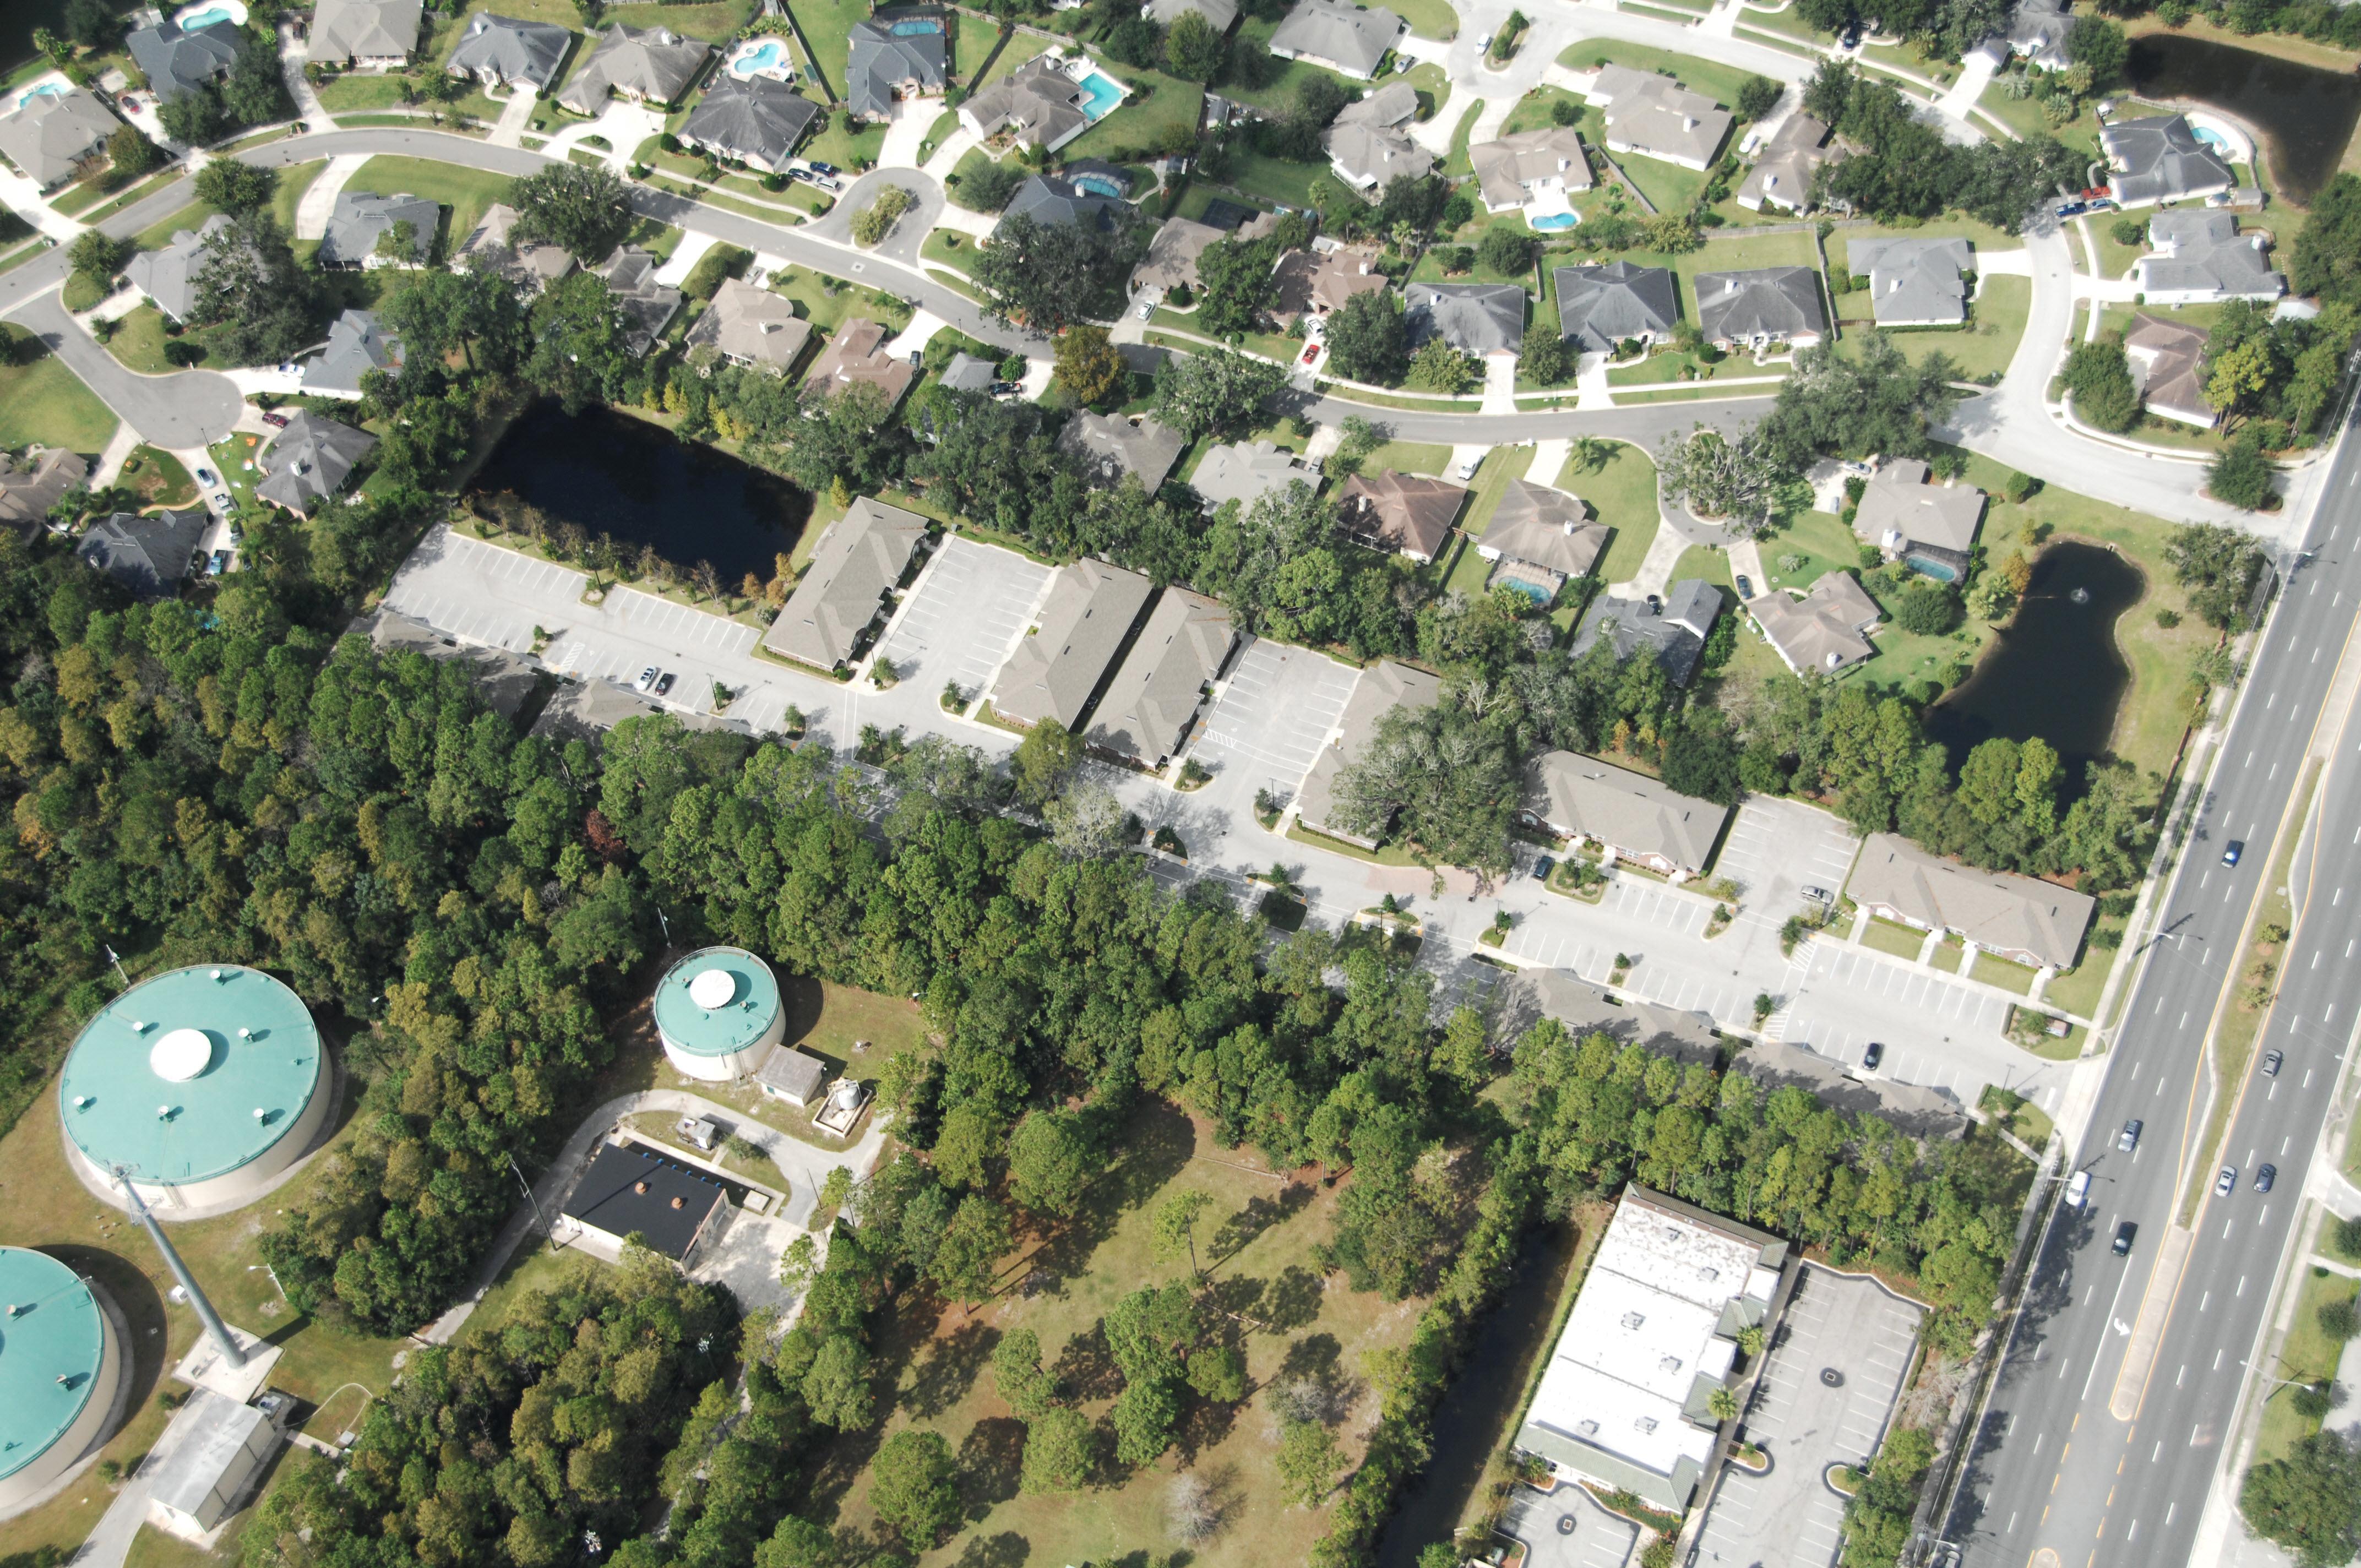 Residential Development in Jacksonville